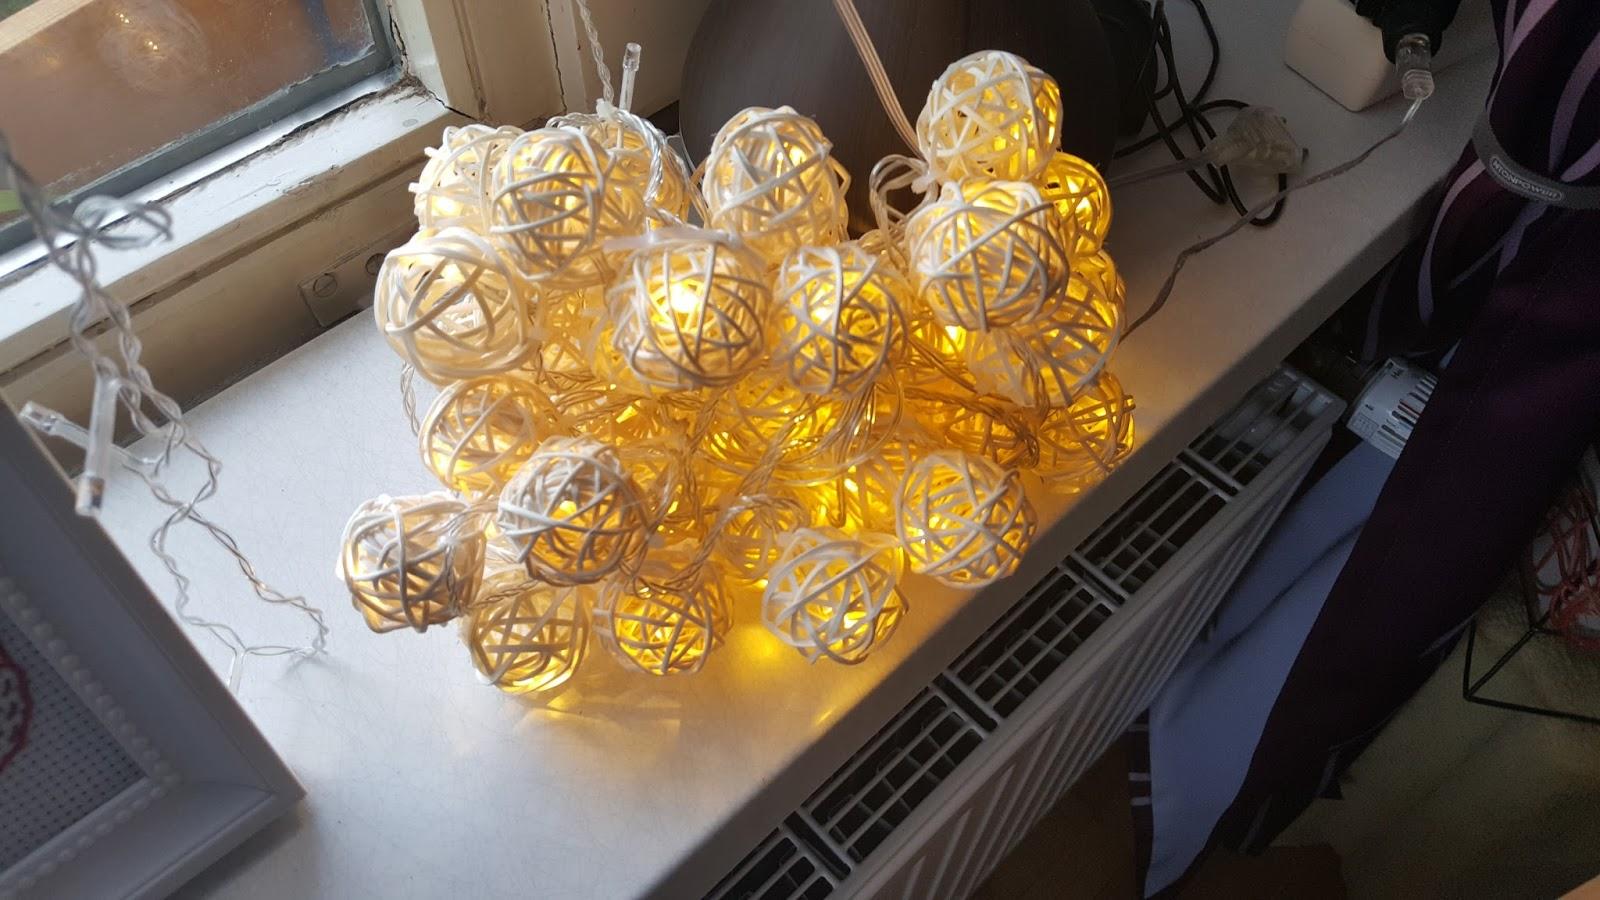 lahr2006 testet innoolight 40er 4 meter led rattan lampion lichterkette mit 1 5 m. Black Bedroom Furniture Sets. Home Design Ideas